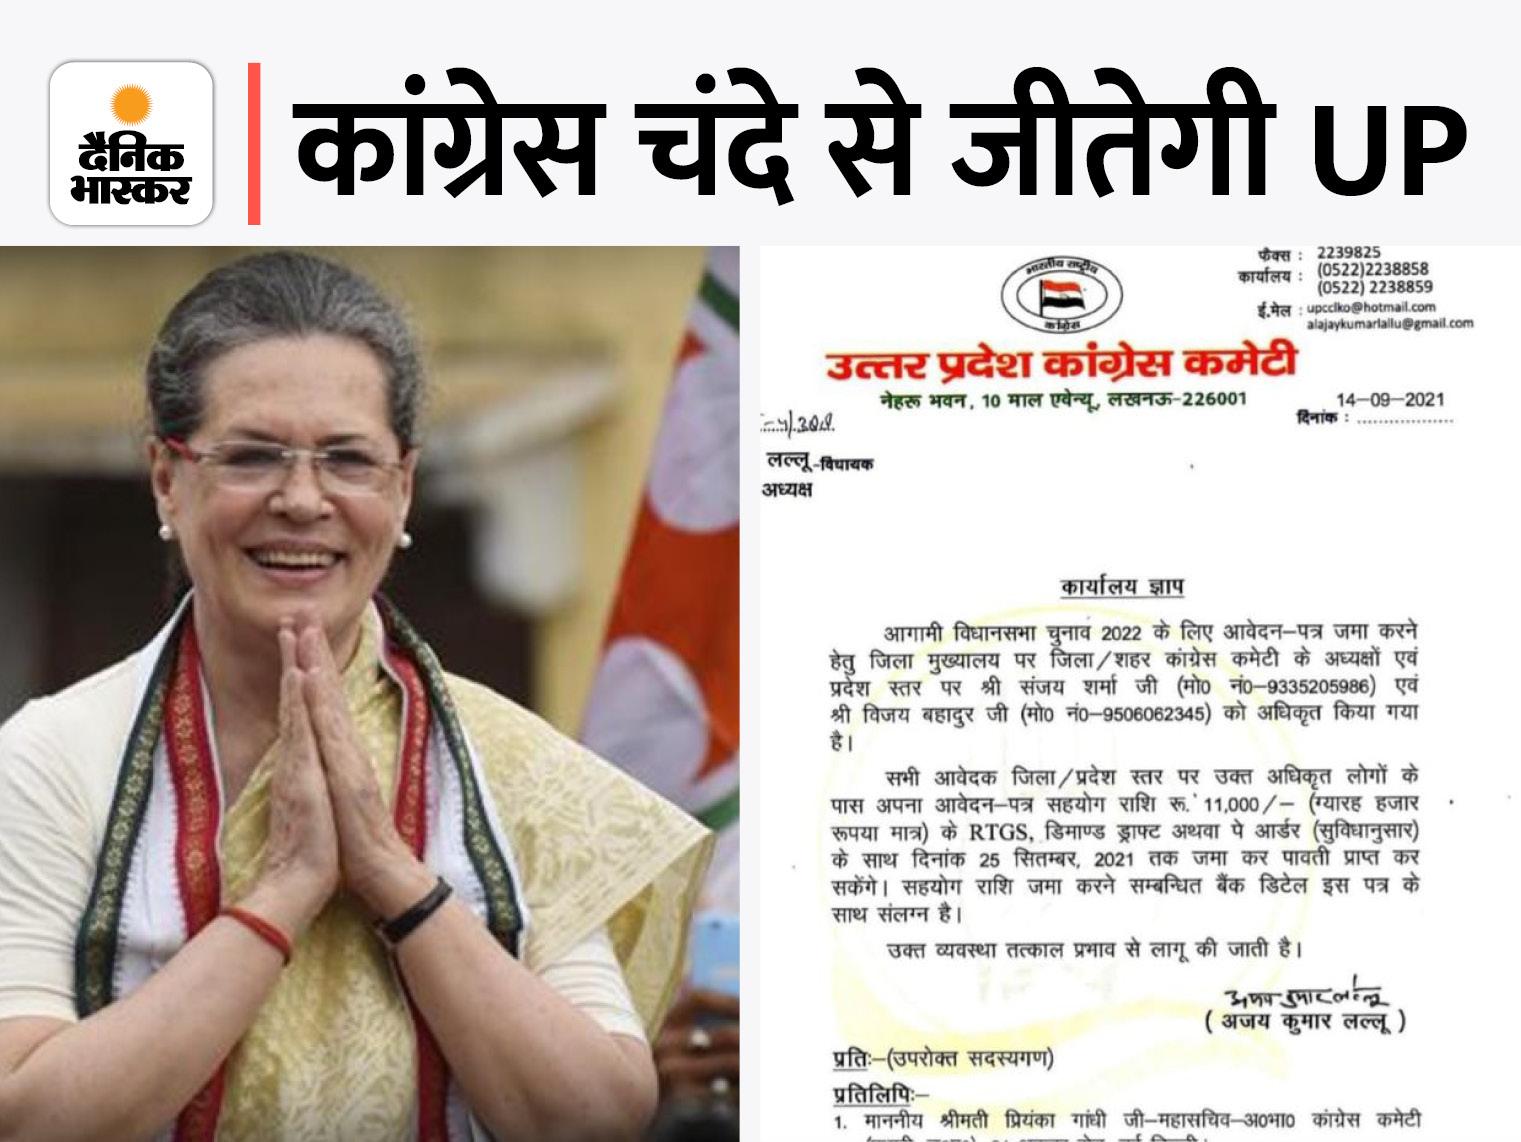 पार्टी ने पहली बार चुनाव के लिए फंड जुटाने का तरीका निकाला; 25 दिसंबर तक आवेदन के साथ जमा करना होगा पैसा|लखनऊ,Lucknow - Dainik Bhaskar